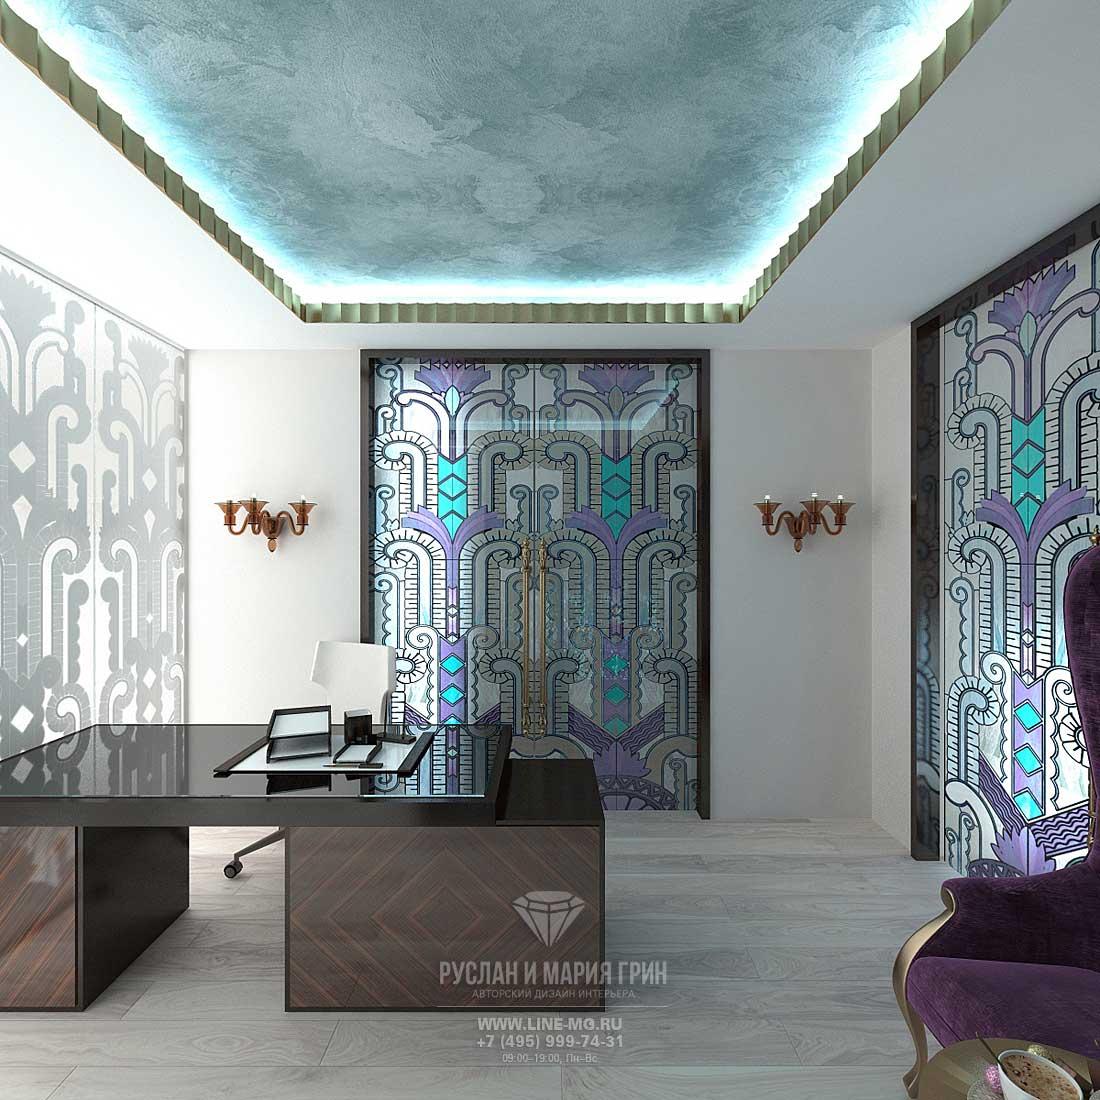 Дизайн кабинета в доме. Фото интерьера